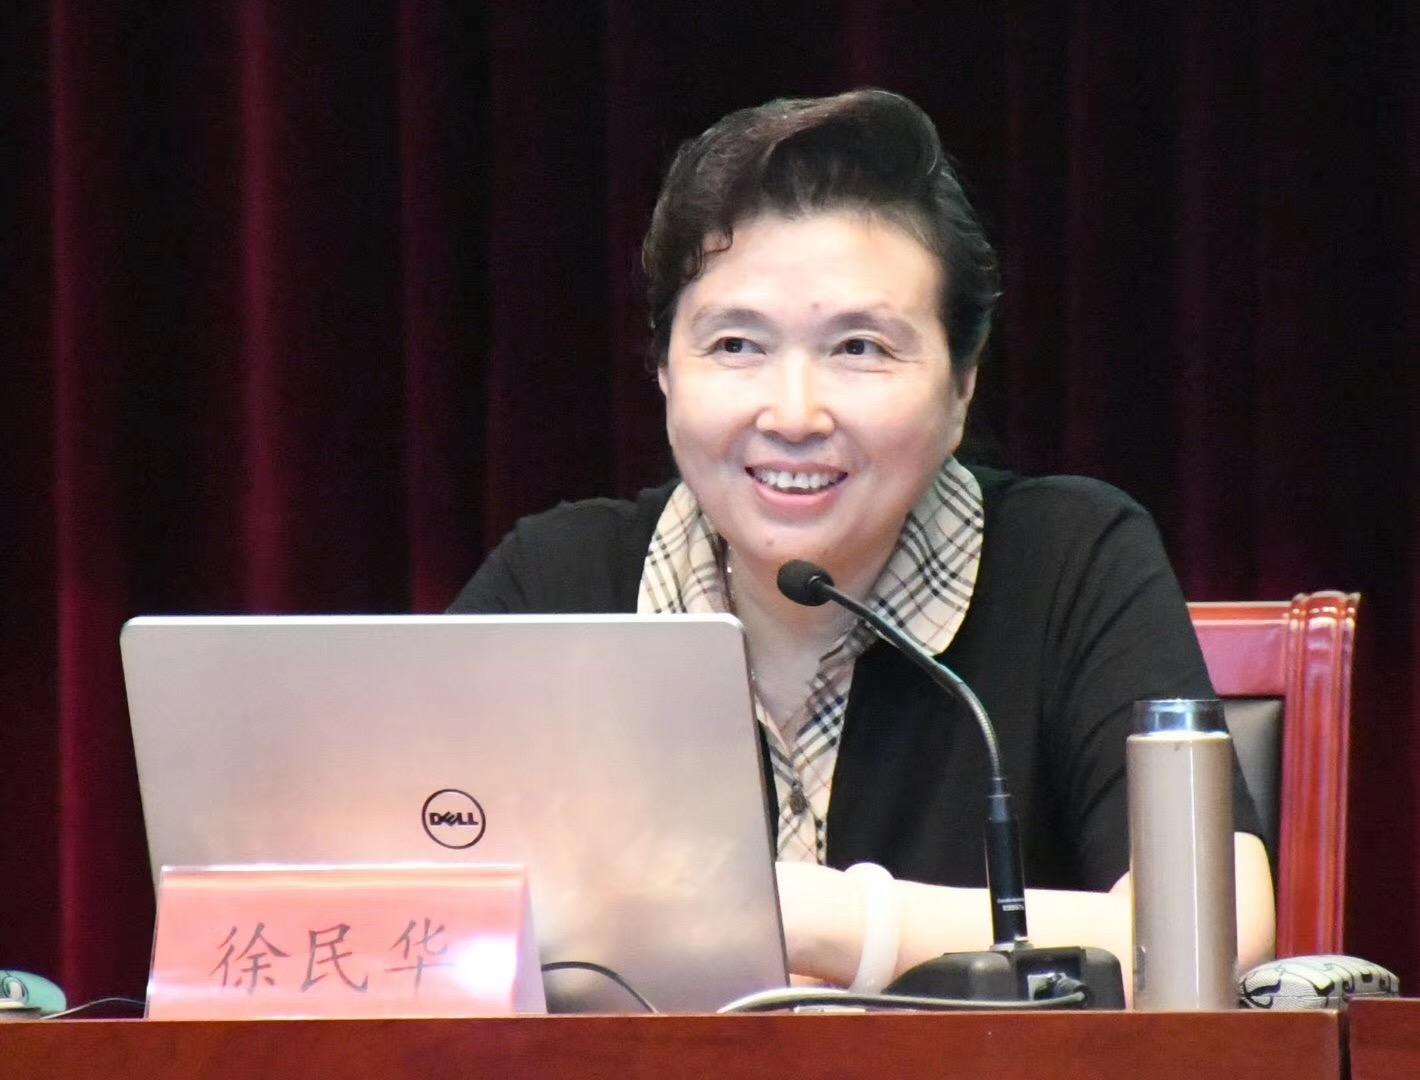 省委党校徐民华教授应邀来扬讲学